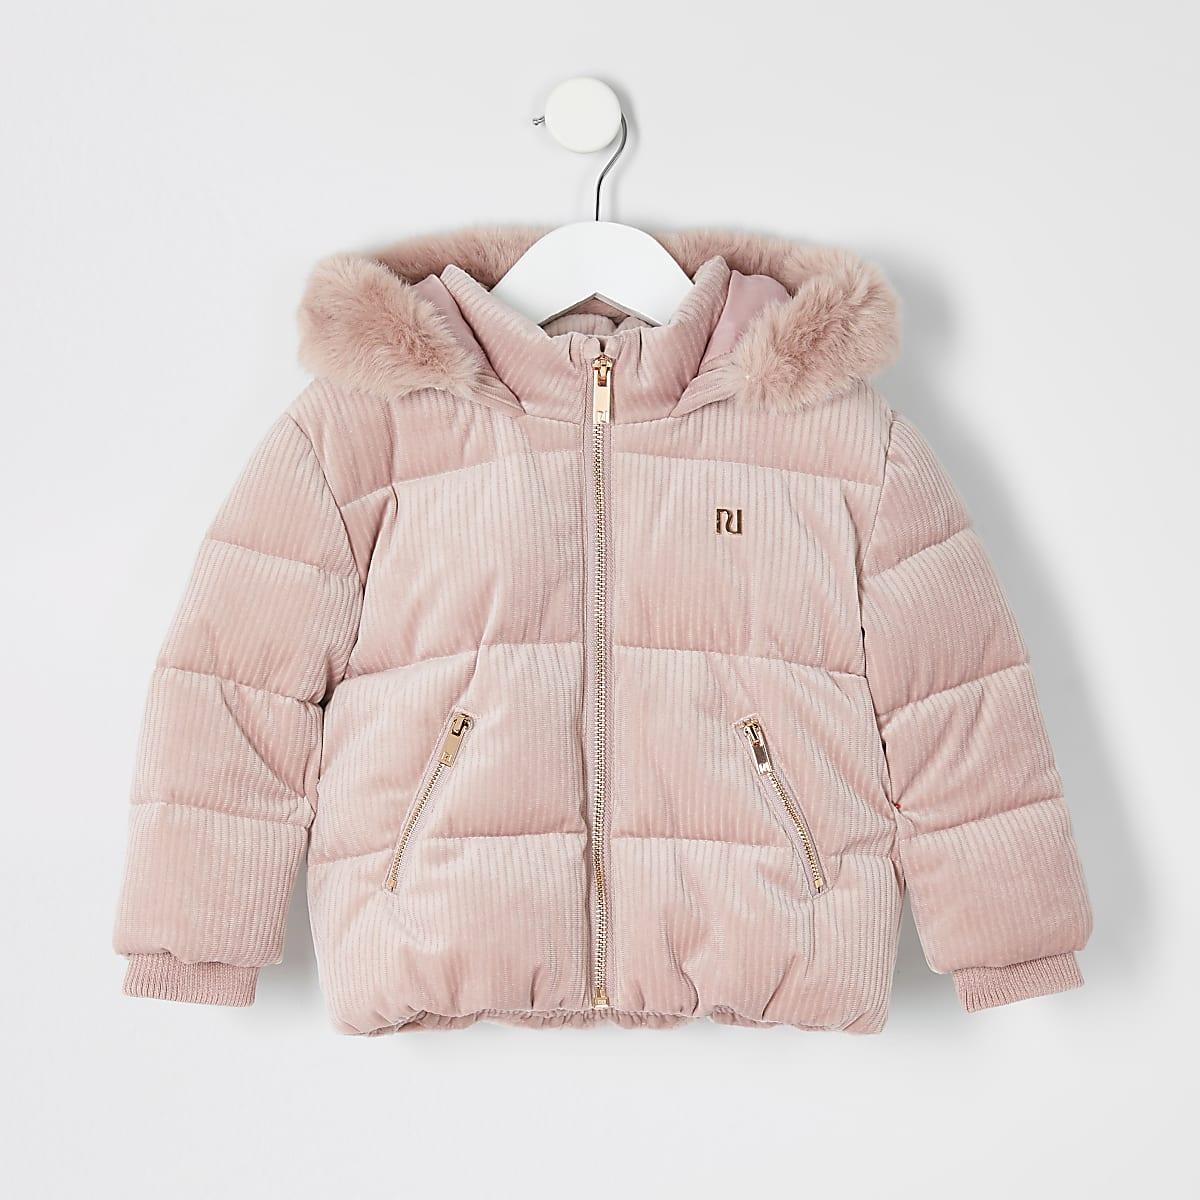 Mini - Roze gewatteerde jas met koord voor meisjes